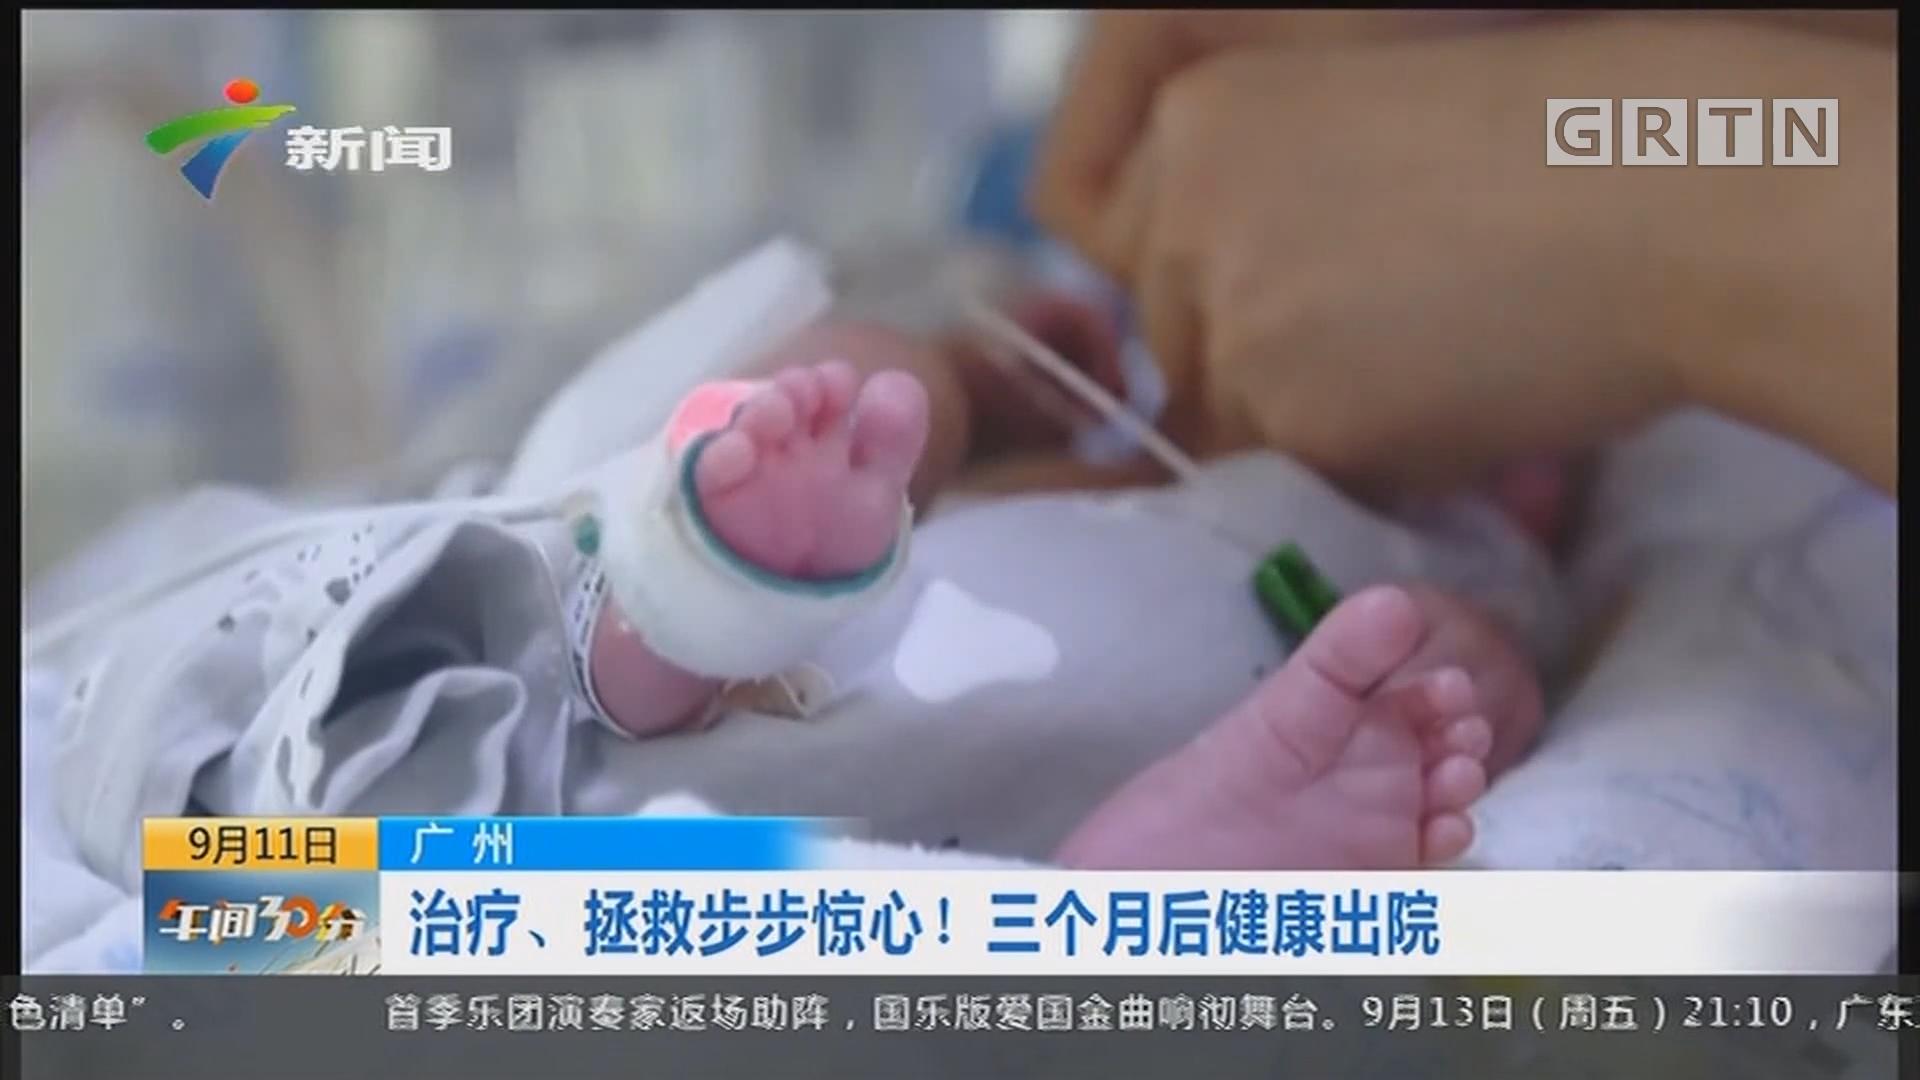 """广州:出生仅一斤多 超早产""""巴掌宝宝""""奇迹存活"""